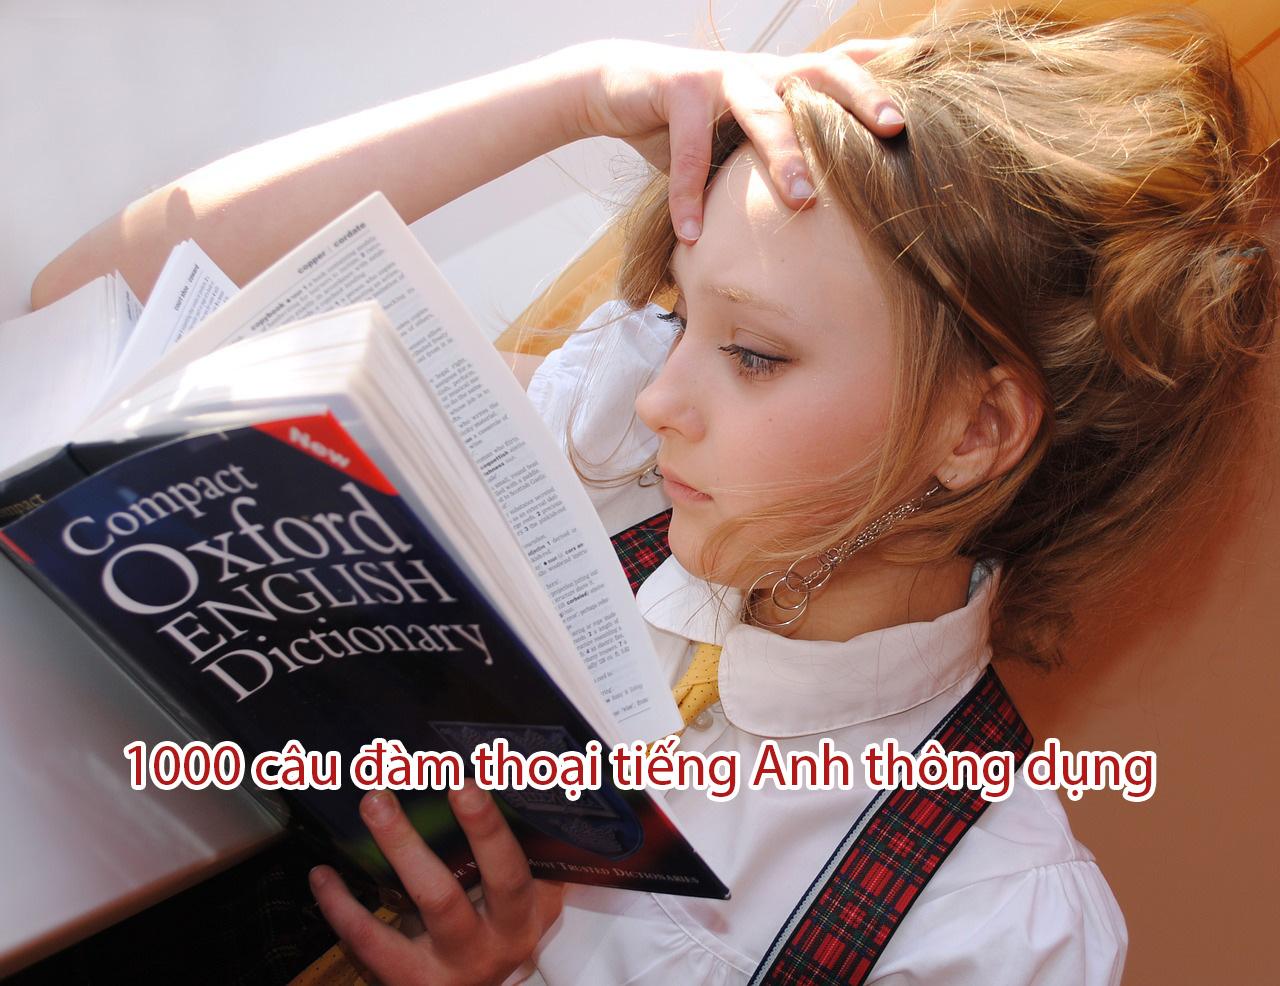 1000 câu đàm thoại tiếng Anh thông dụng